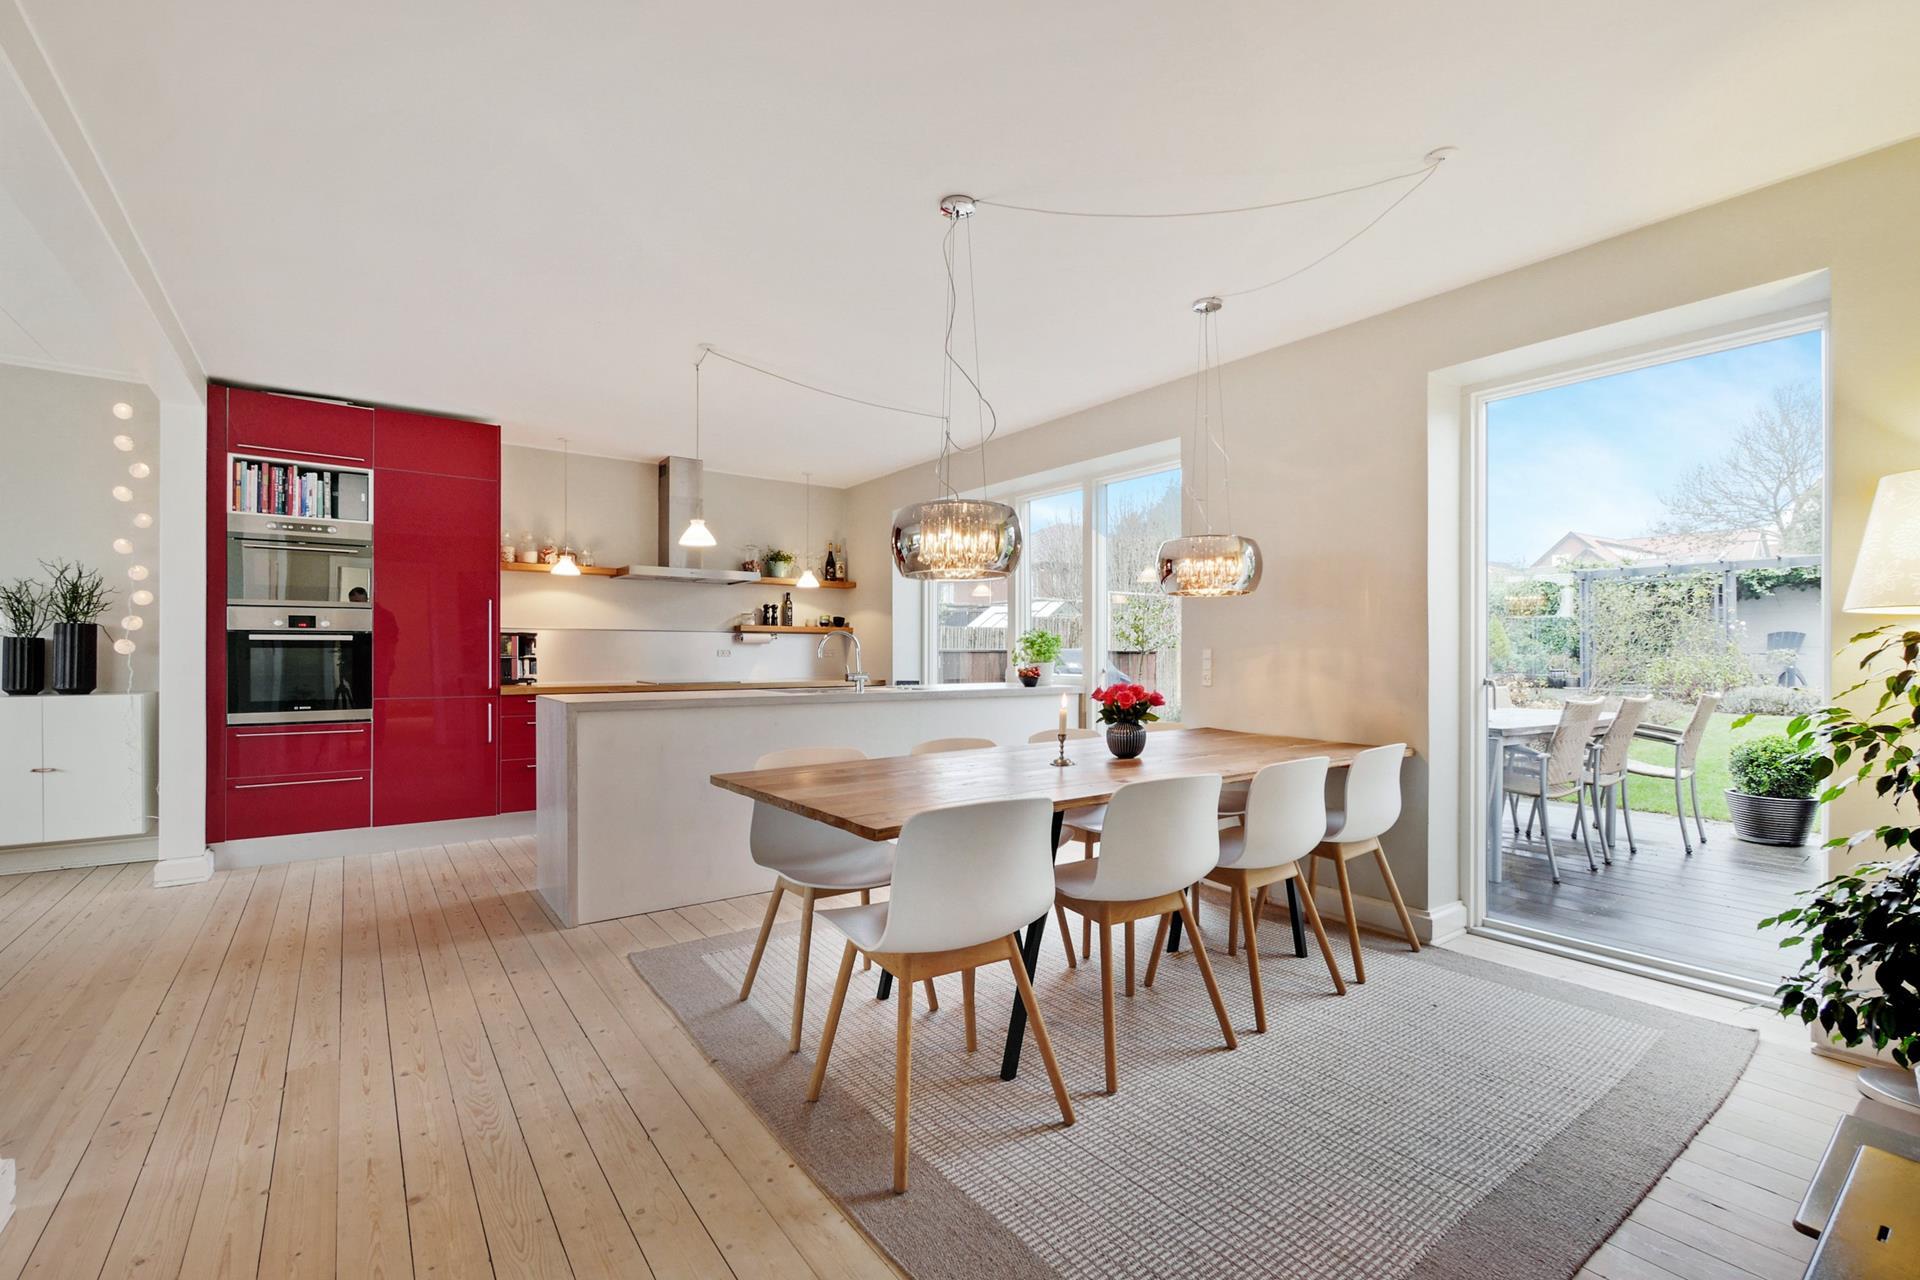 Casa danesa real aunque cueste creer blog tienda for Casas nordicas decoracion